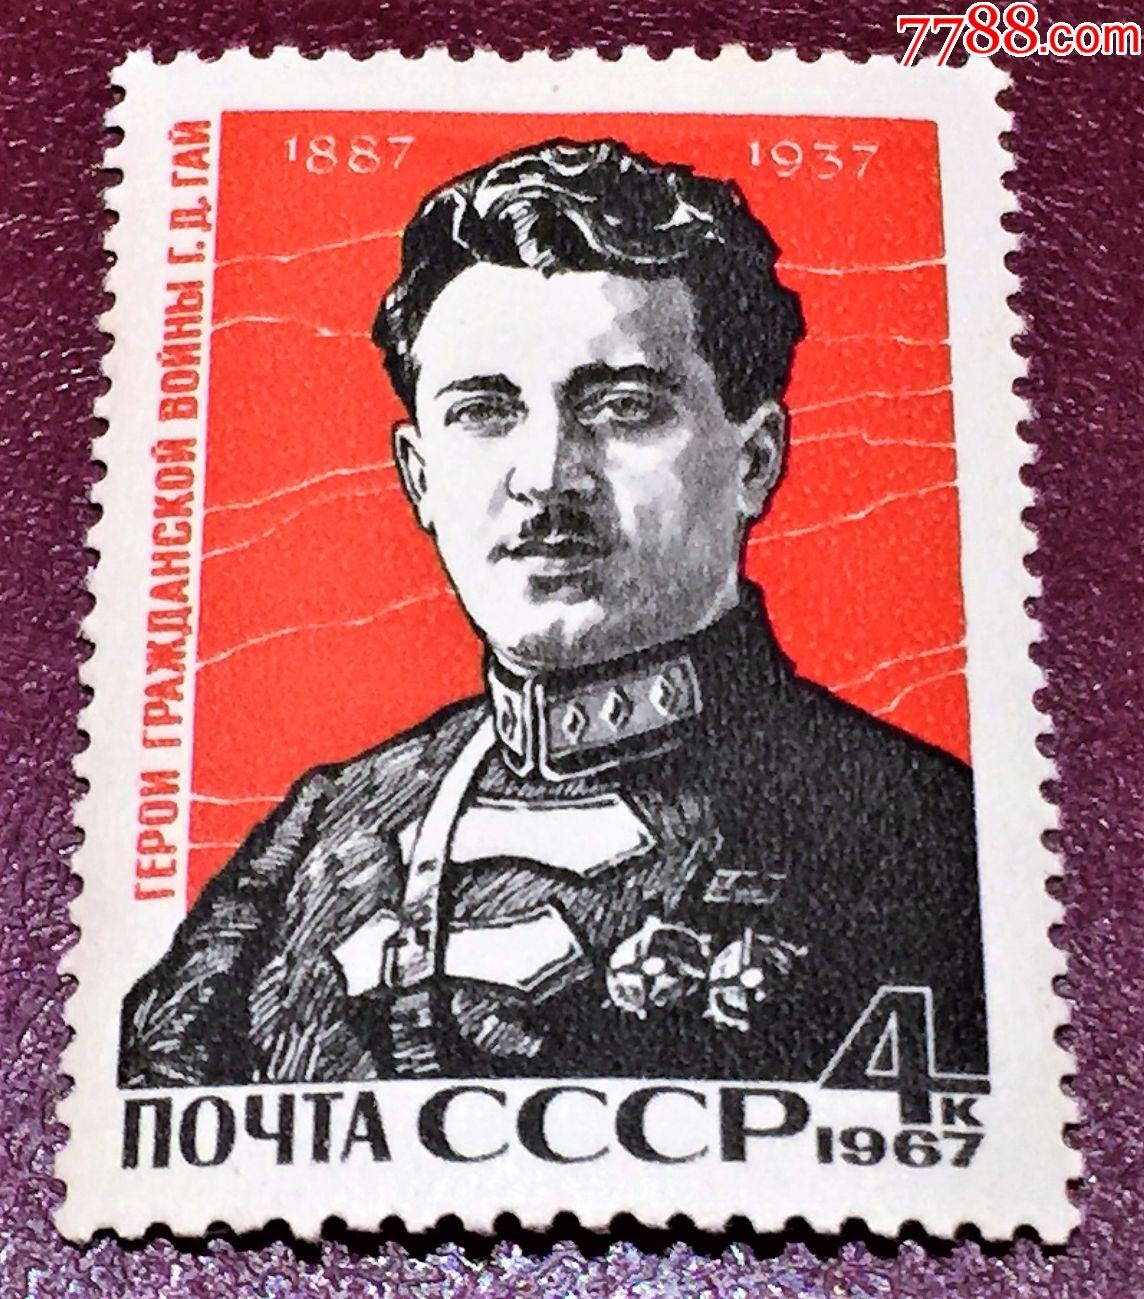 苏联1967年发行国内战争时期英雄格·德·加伊